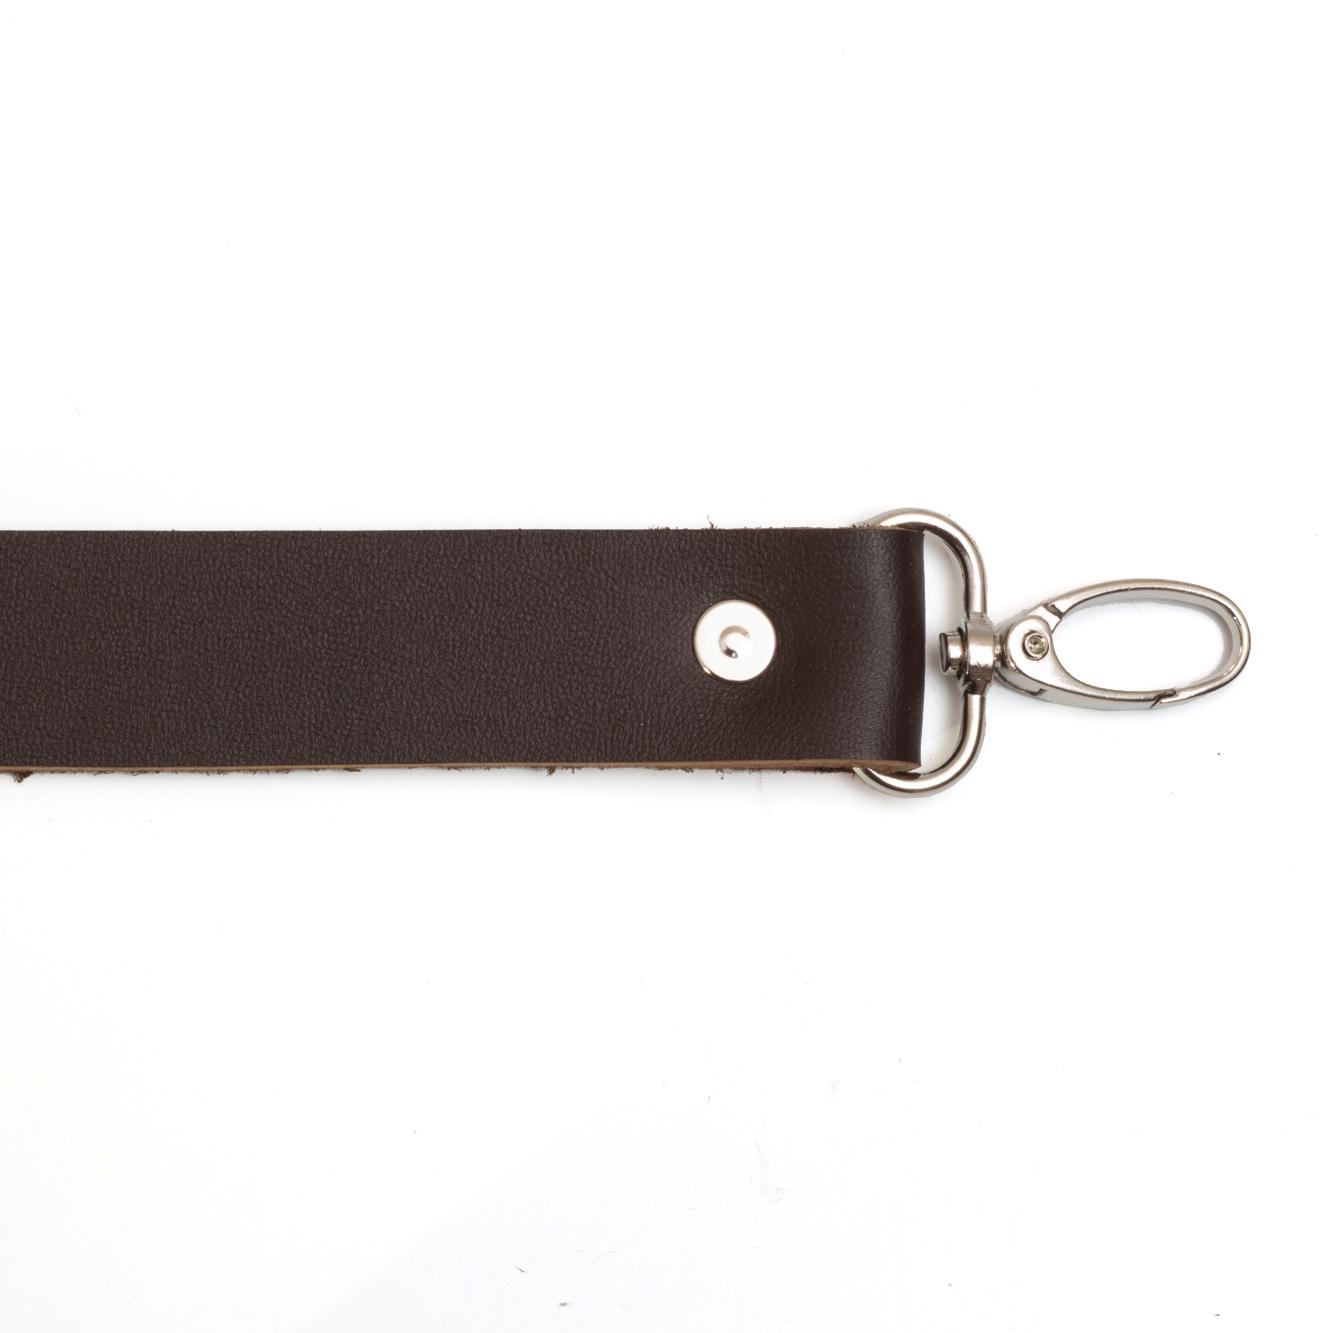 Кожаная фурнитура Ручка кожаная с карабинами темно-коричневая 3мм IMG_9279.jpg